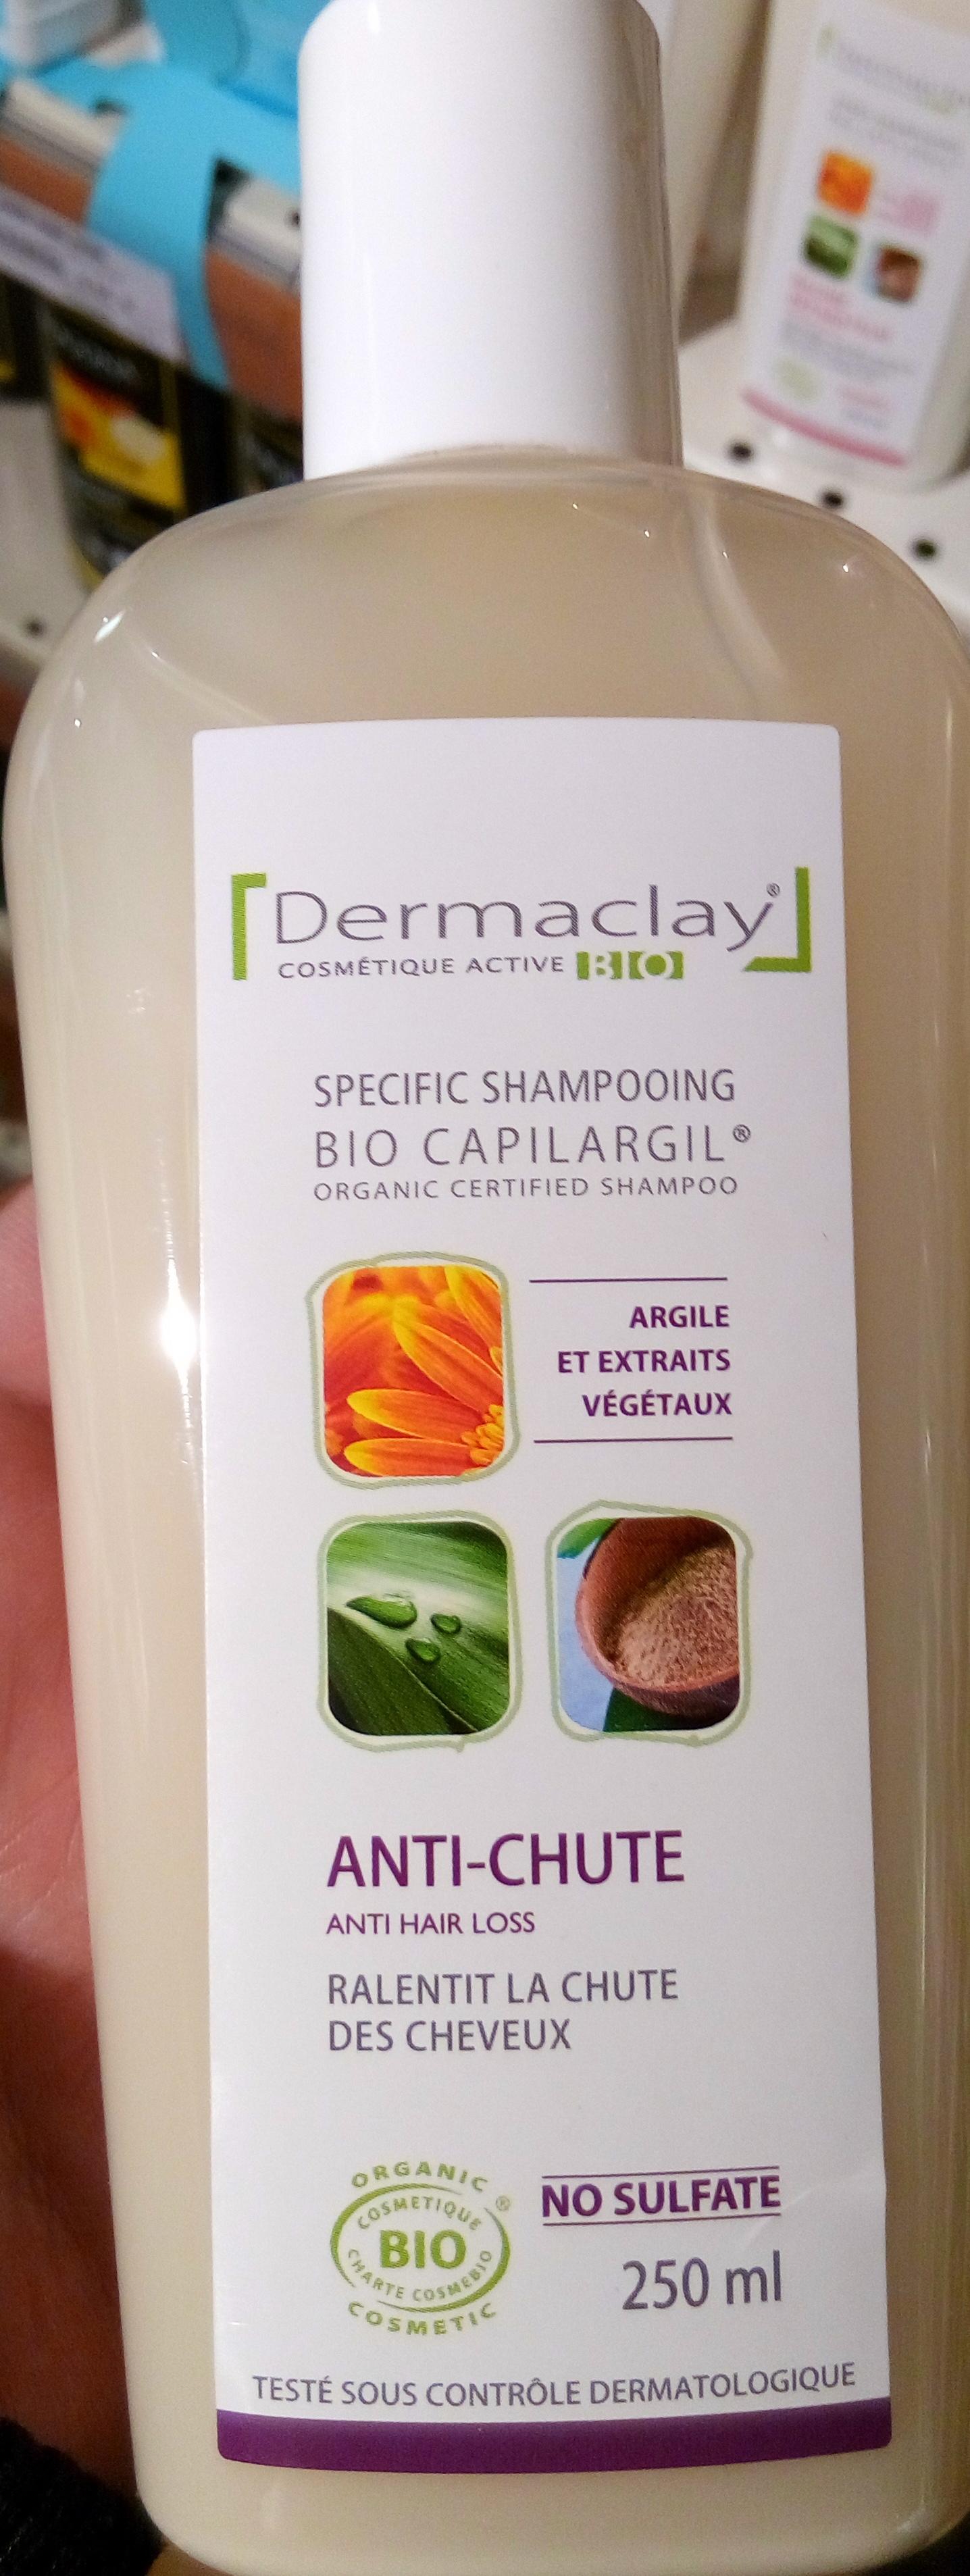 Bio Capilargil Specific Shampooing Argile et Extraits végétaux Anti-chute - Product